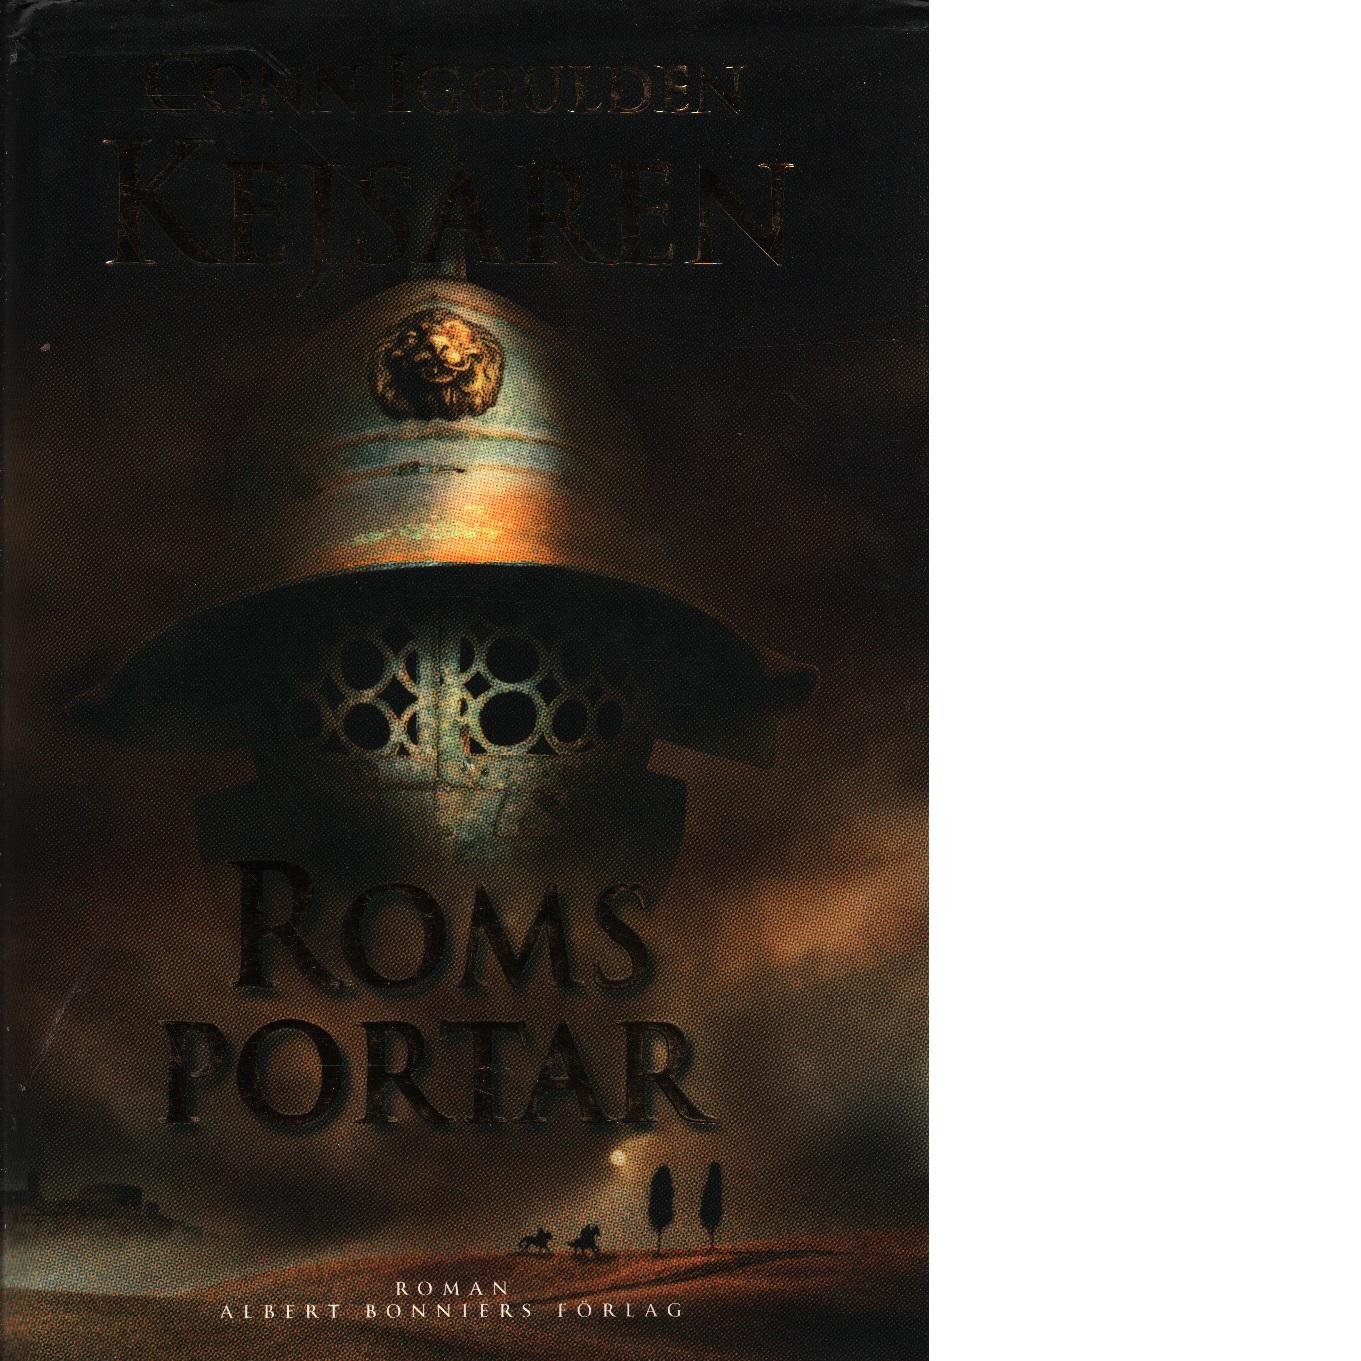 Kejsaren. Roms portar - Iggulden, Conn